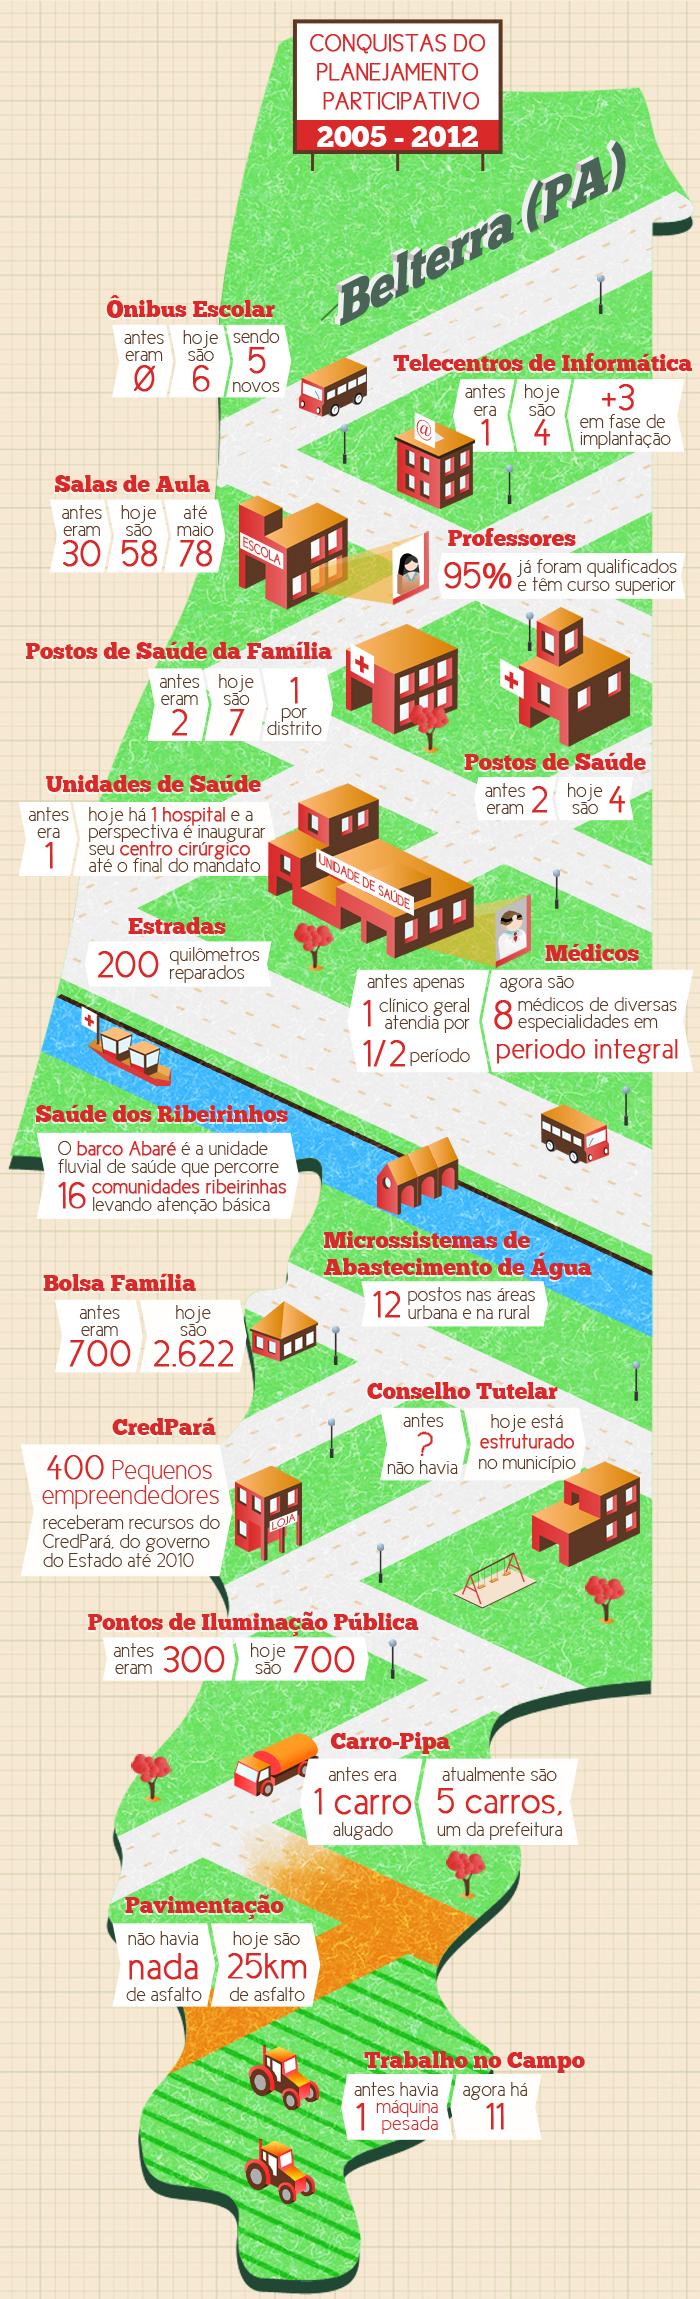 infografico_v2.jpg